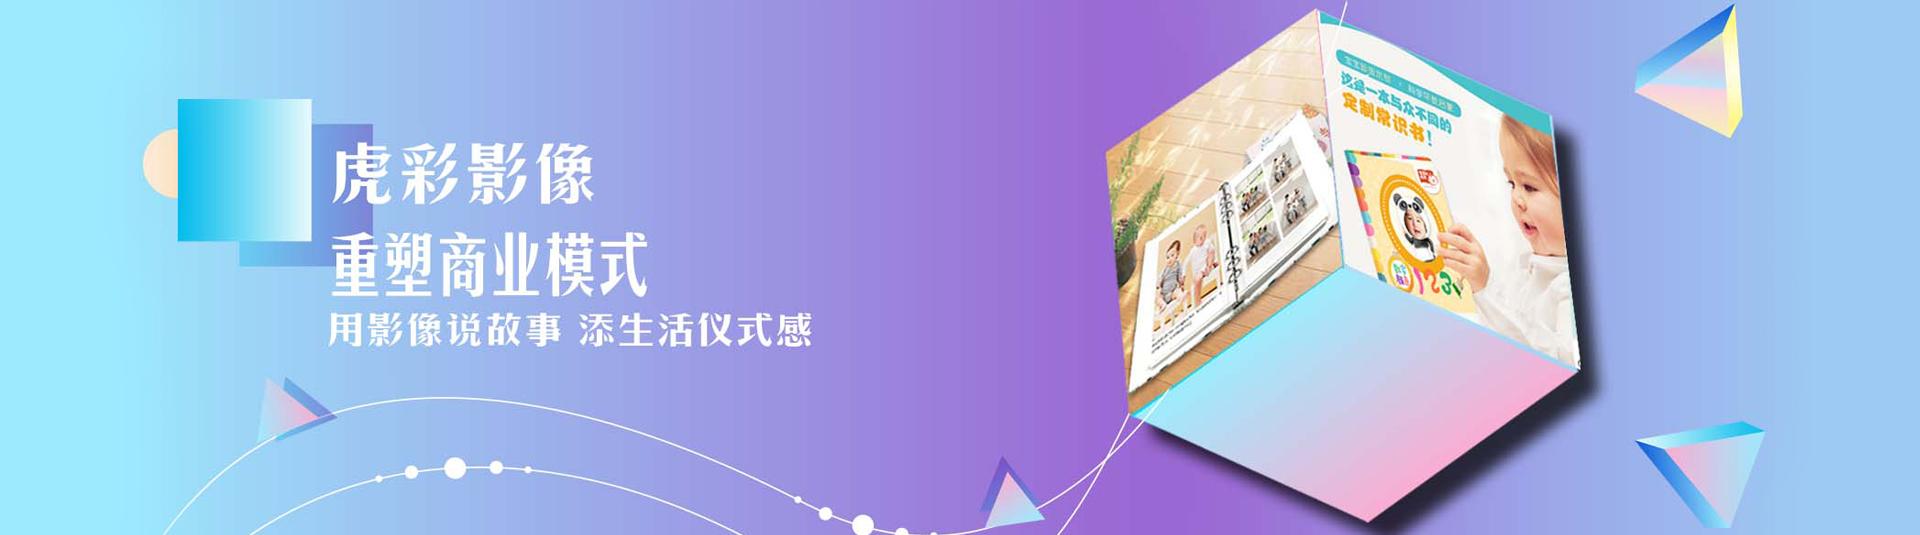 千赢国际pt影像馆